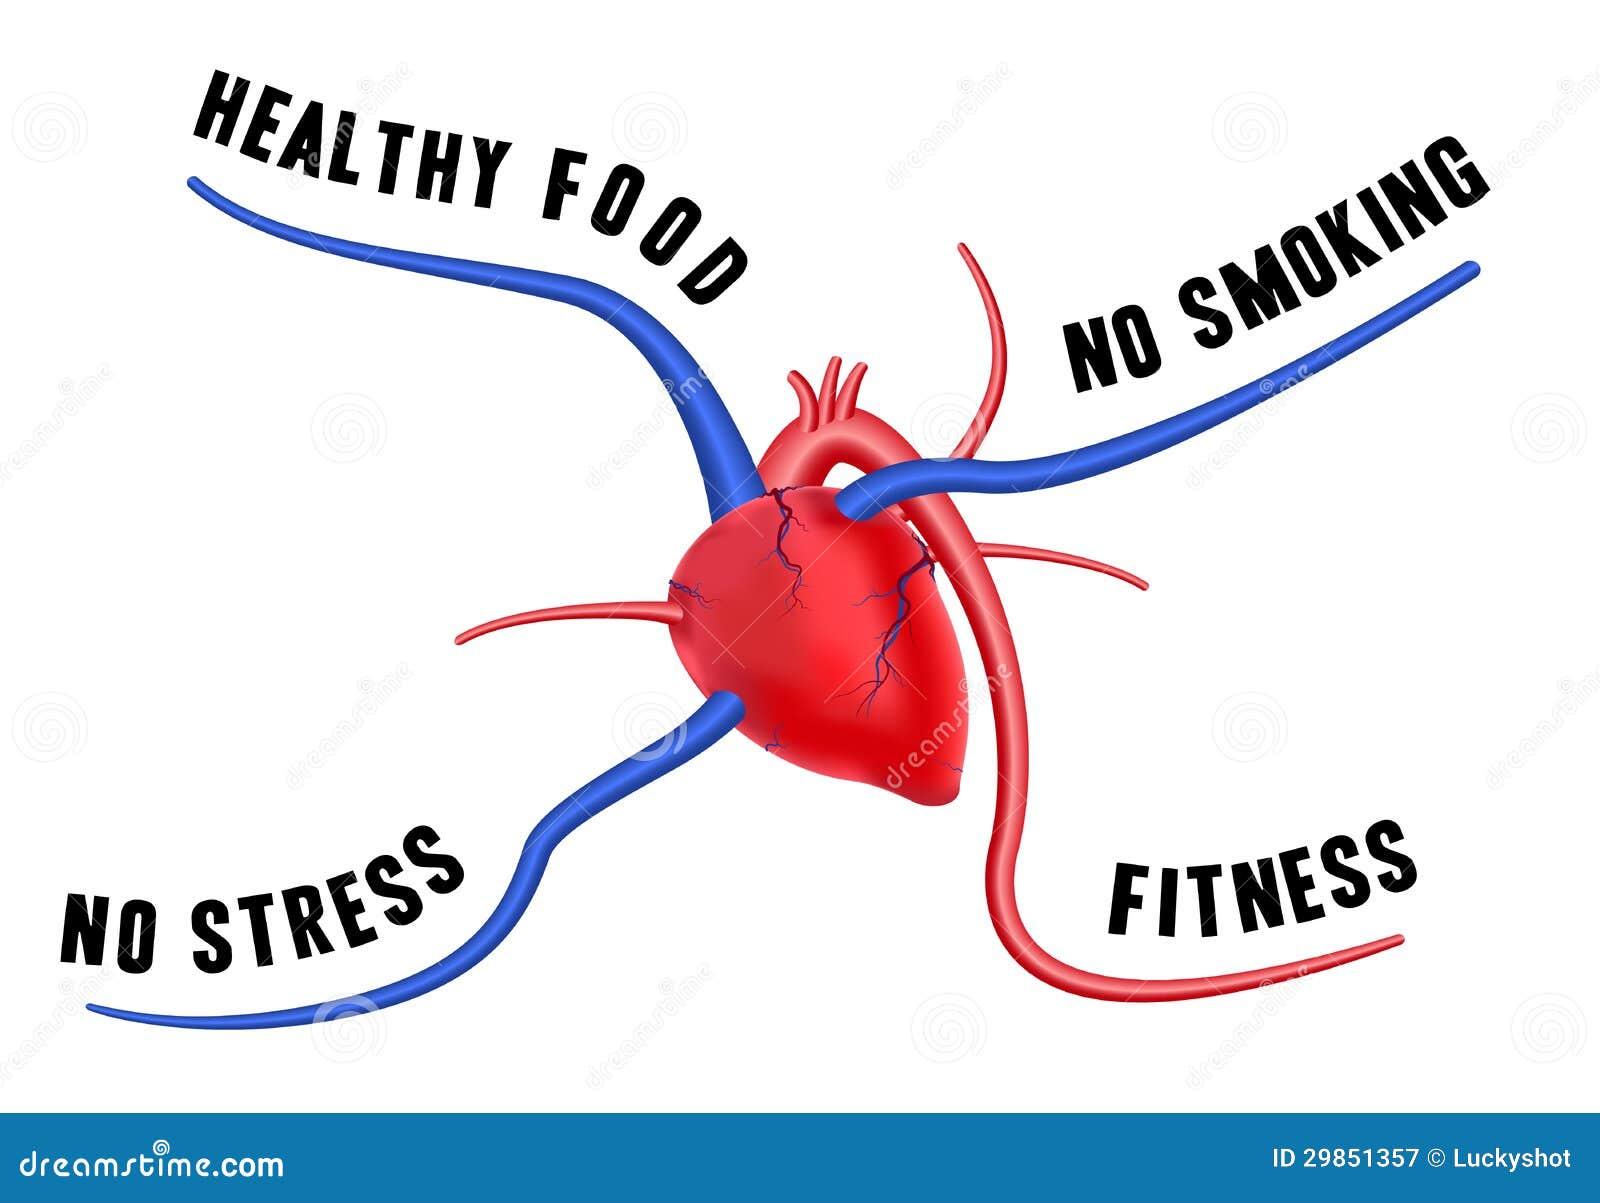 免版税图库摄影: 健康心脏图片